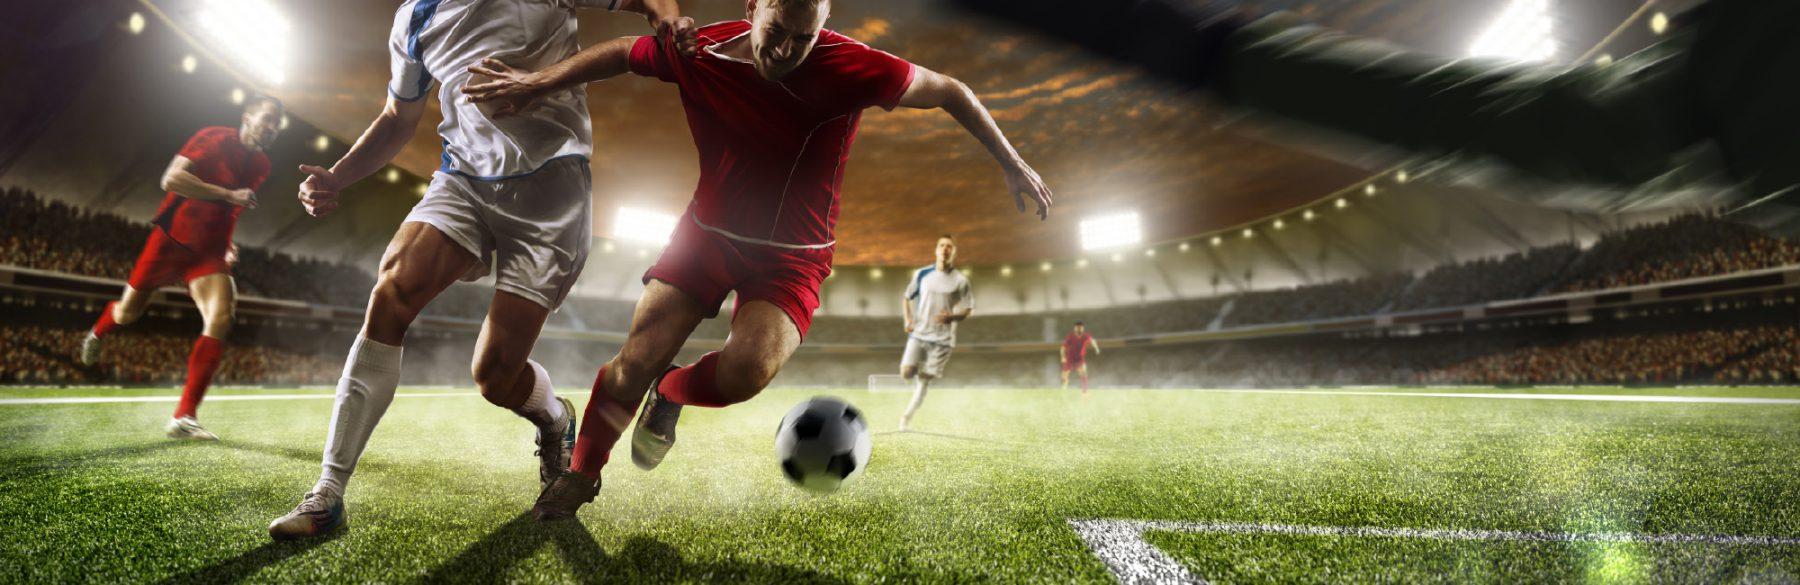 картинки для обложки футбола обращение